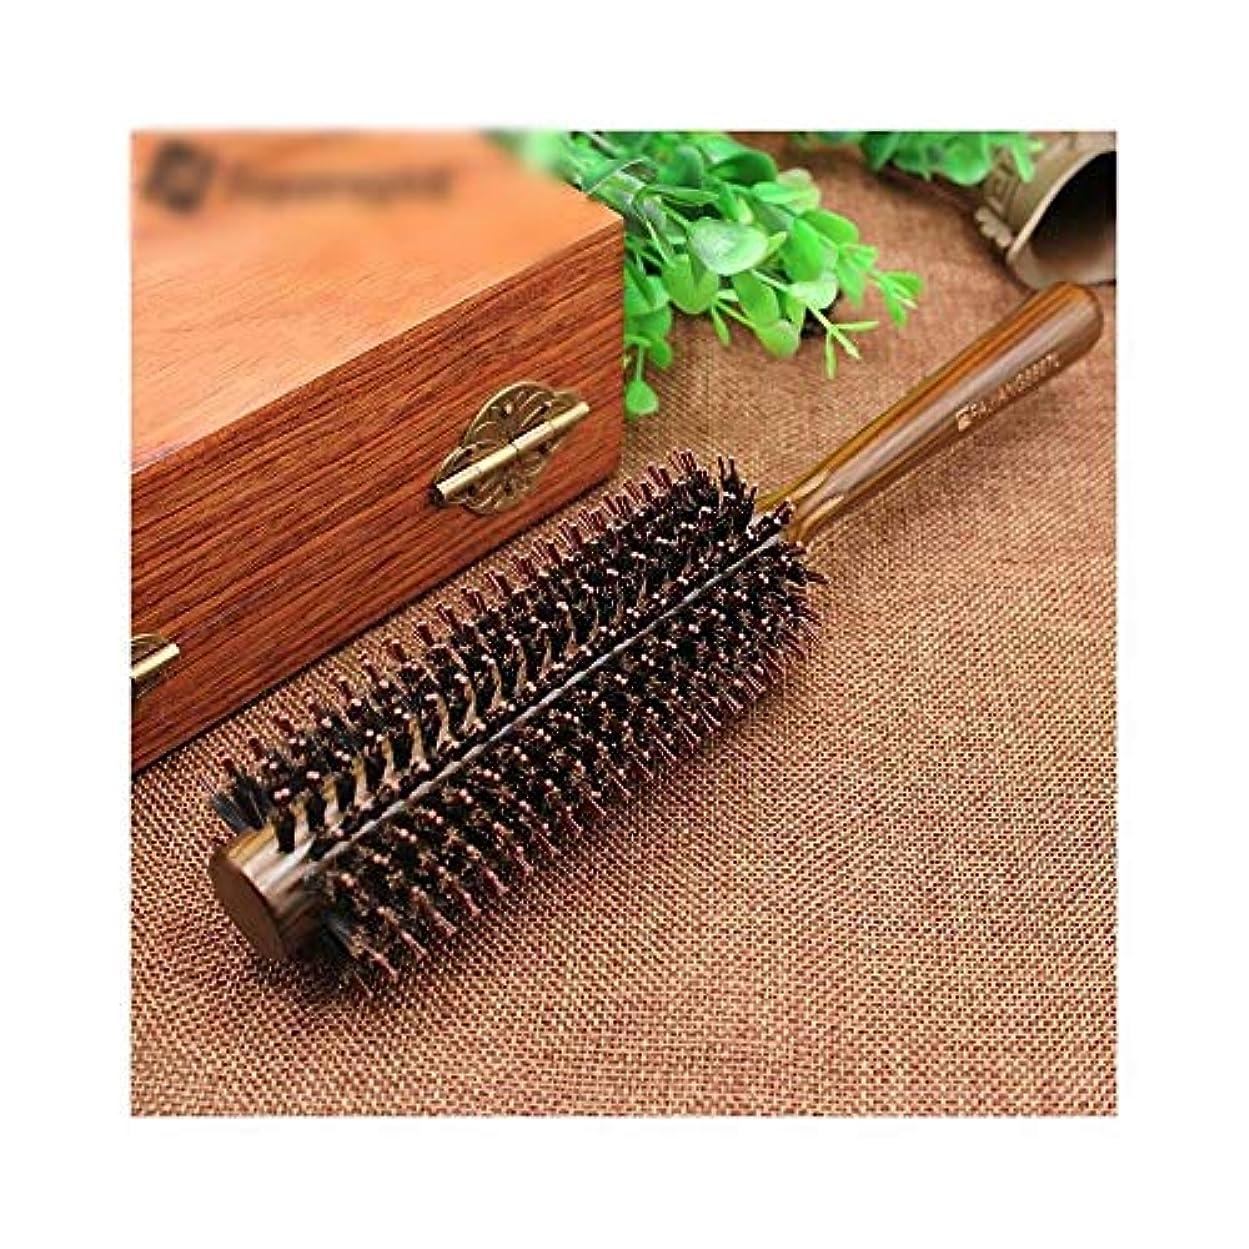 責任適度なハイジャックヘアコーム理髪くし ヘアーサロンのヘアデザインのためのローリングくしシリンダー木製ハンドルくし ヘアスタイリングコーム (Size : S)